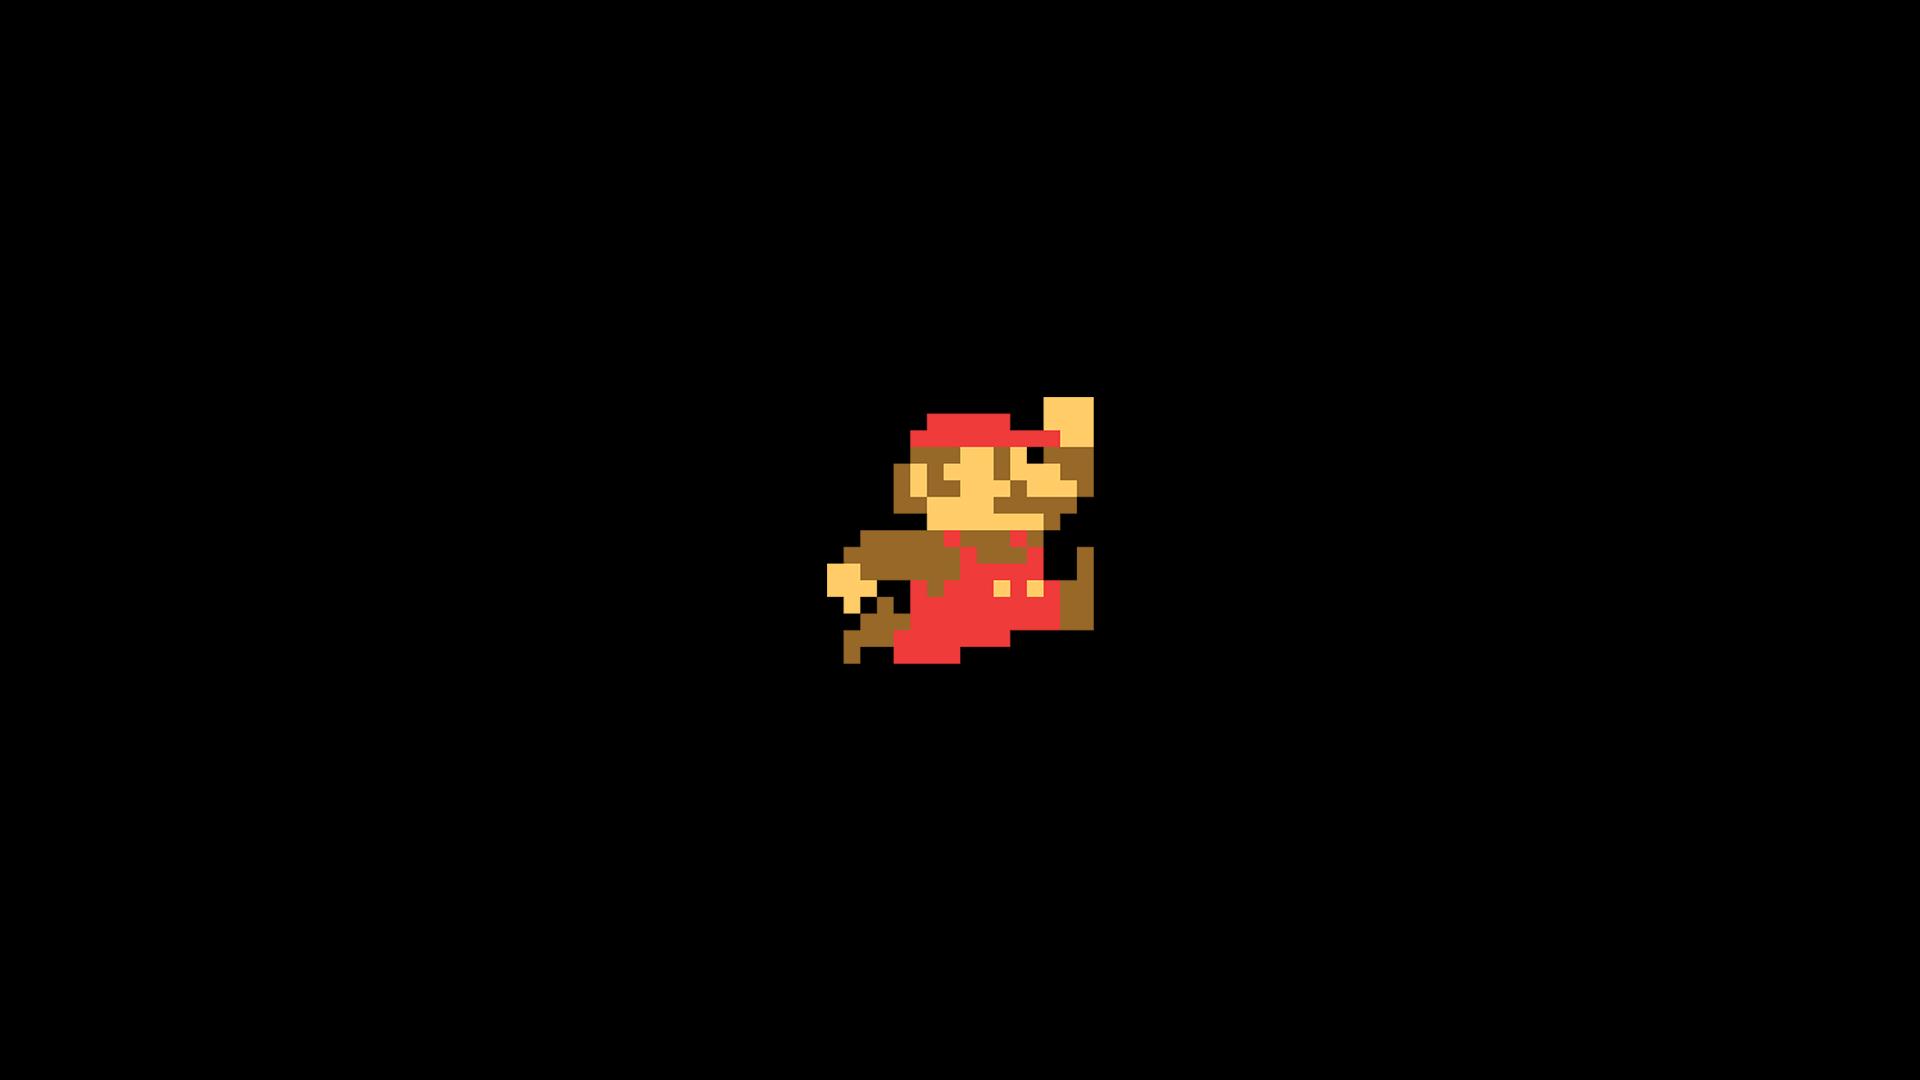 16 Luxury Pubg Wallpaper Iphone 6: 1080x1920 Super Mario Minimalism Iphone 7,6s,6 Plus, Pixel